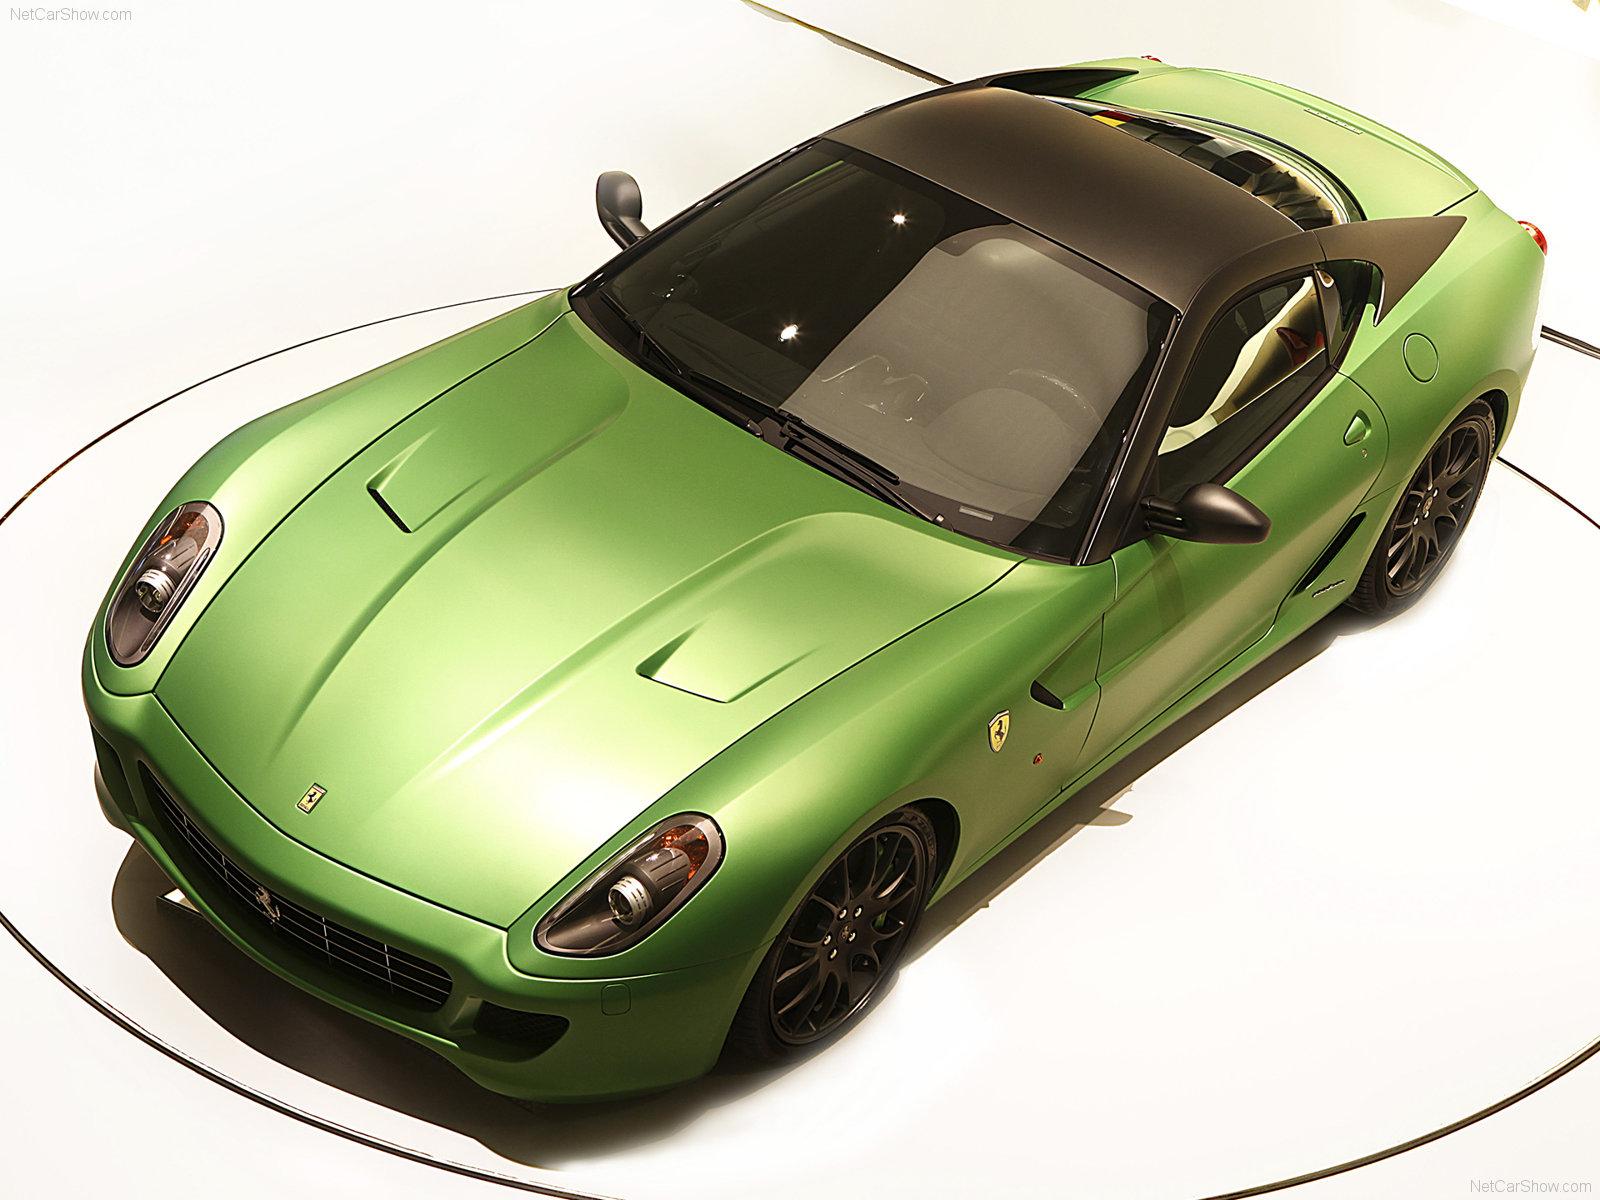 Hình ảnh siêu xe Ferrari 599 GTB HY-KERS Concept 2010 & nội ngoại thất